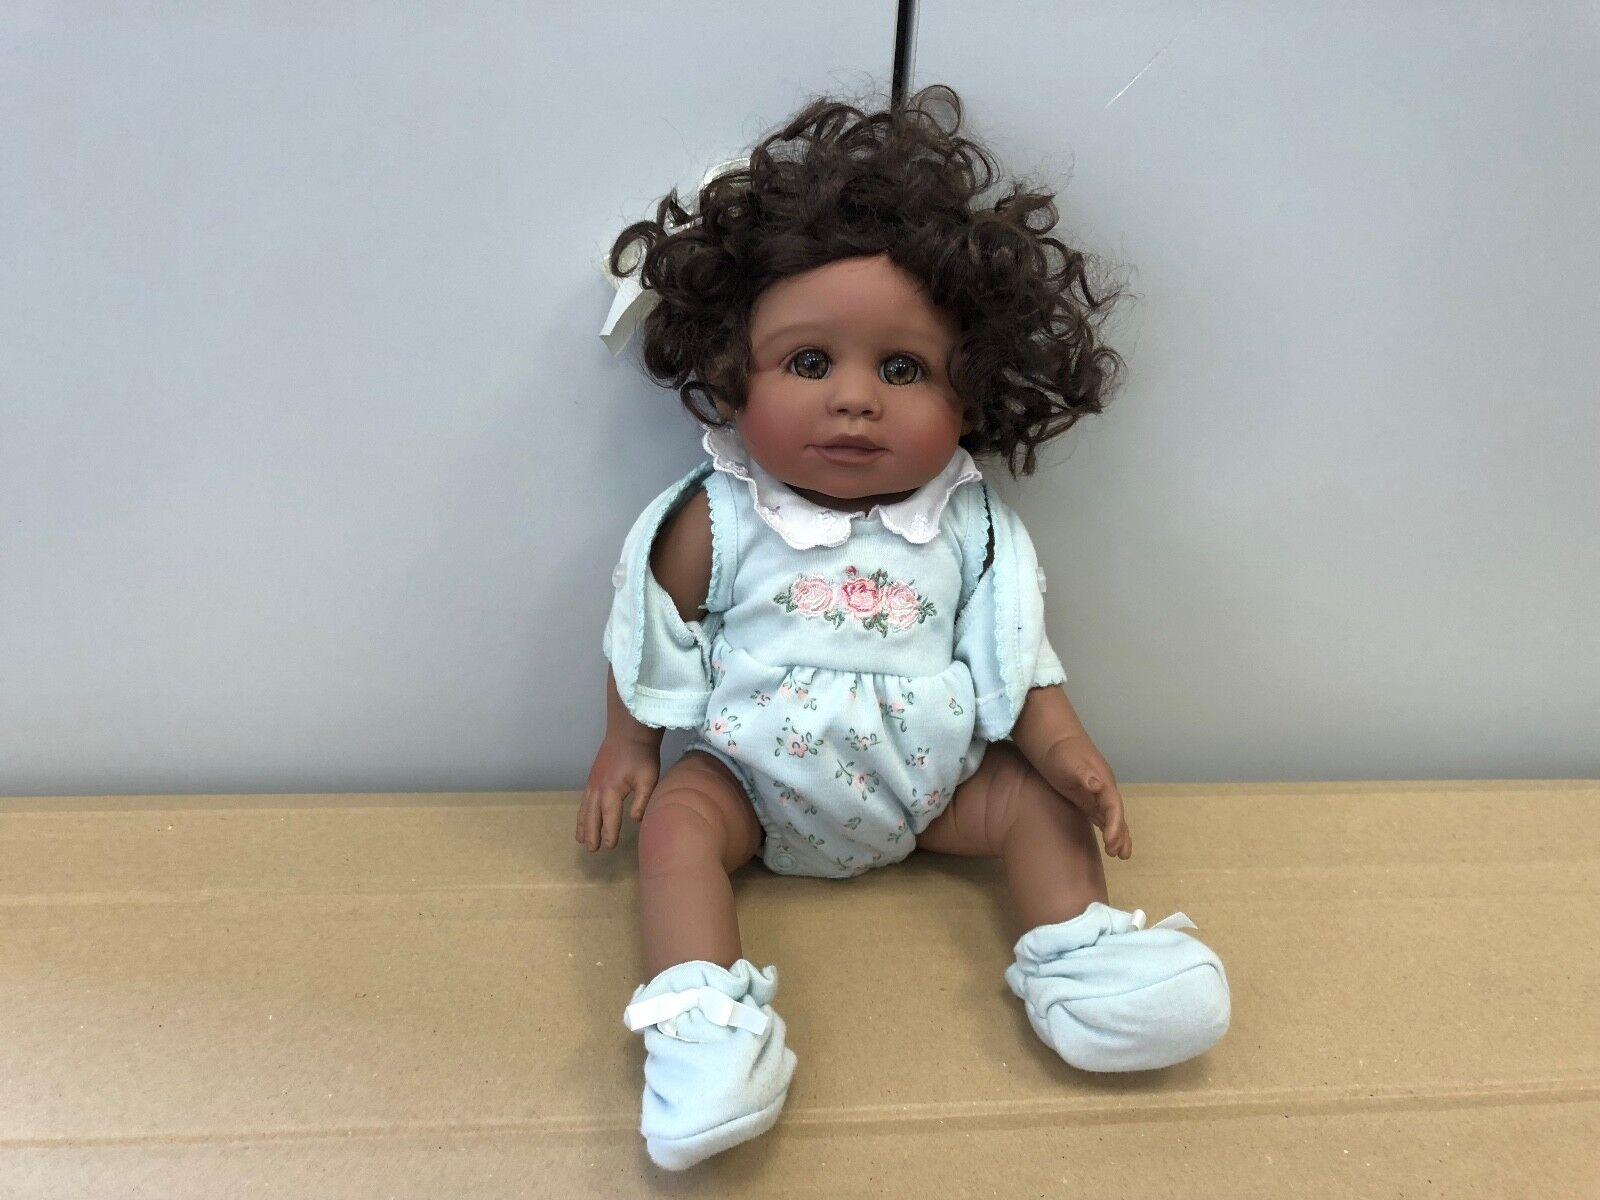 Bonnie chyle vinile bambola 37 CM. OTTIMO  stato  autentico online